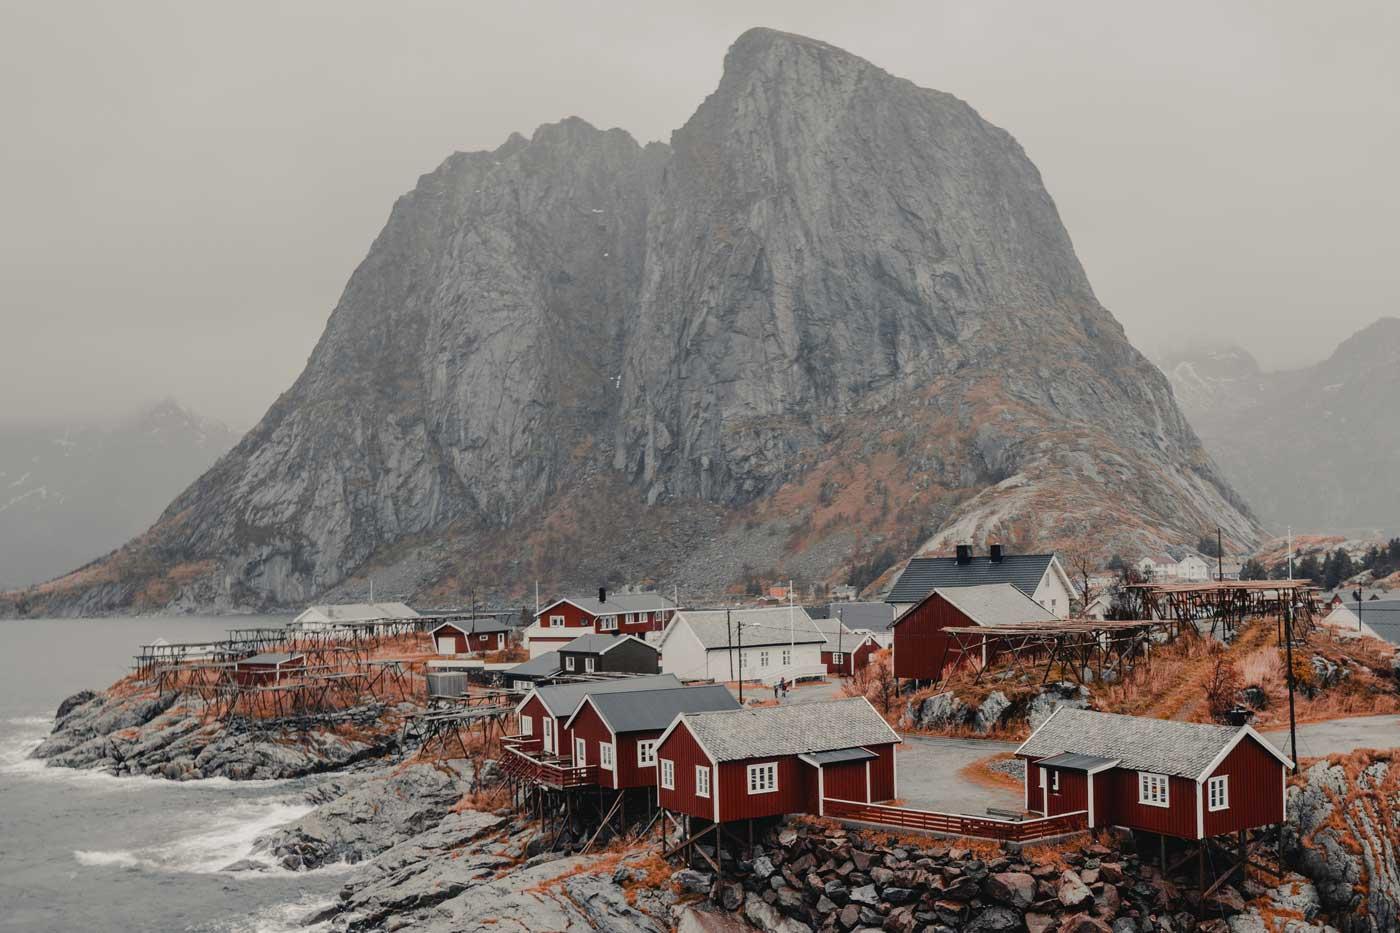 Lofoty w Norwegii. Czerwone domki przy wodzie na tle ogromnej góry